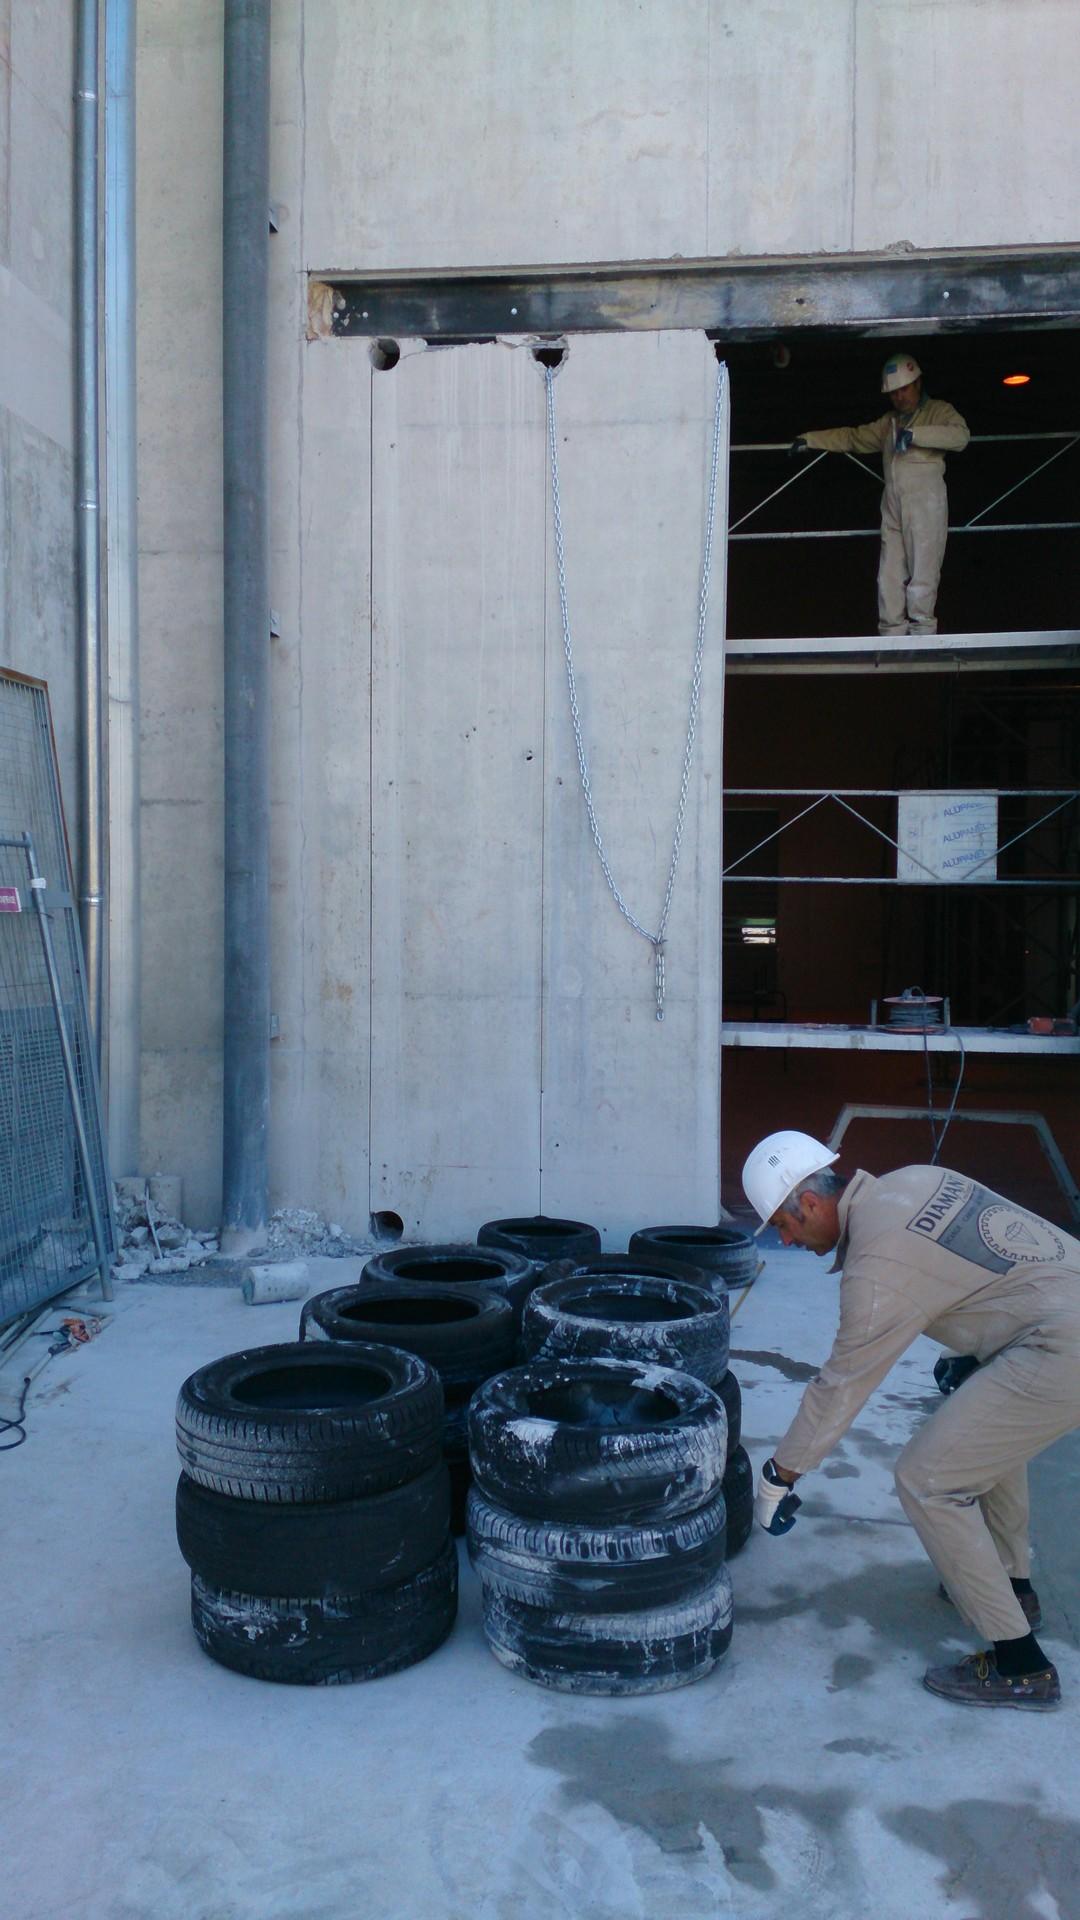 Ouverture et fermeture de voile béton et protection cablage et flexibleOuverture et fermeture de voile béton et protection cablage et flexible003